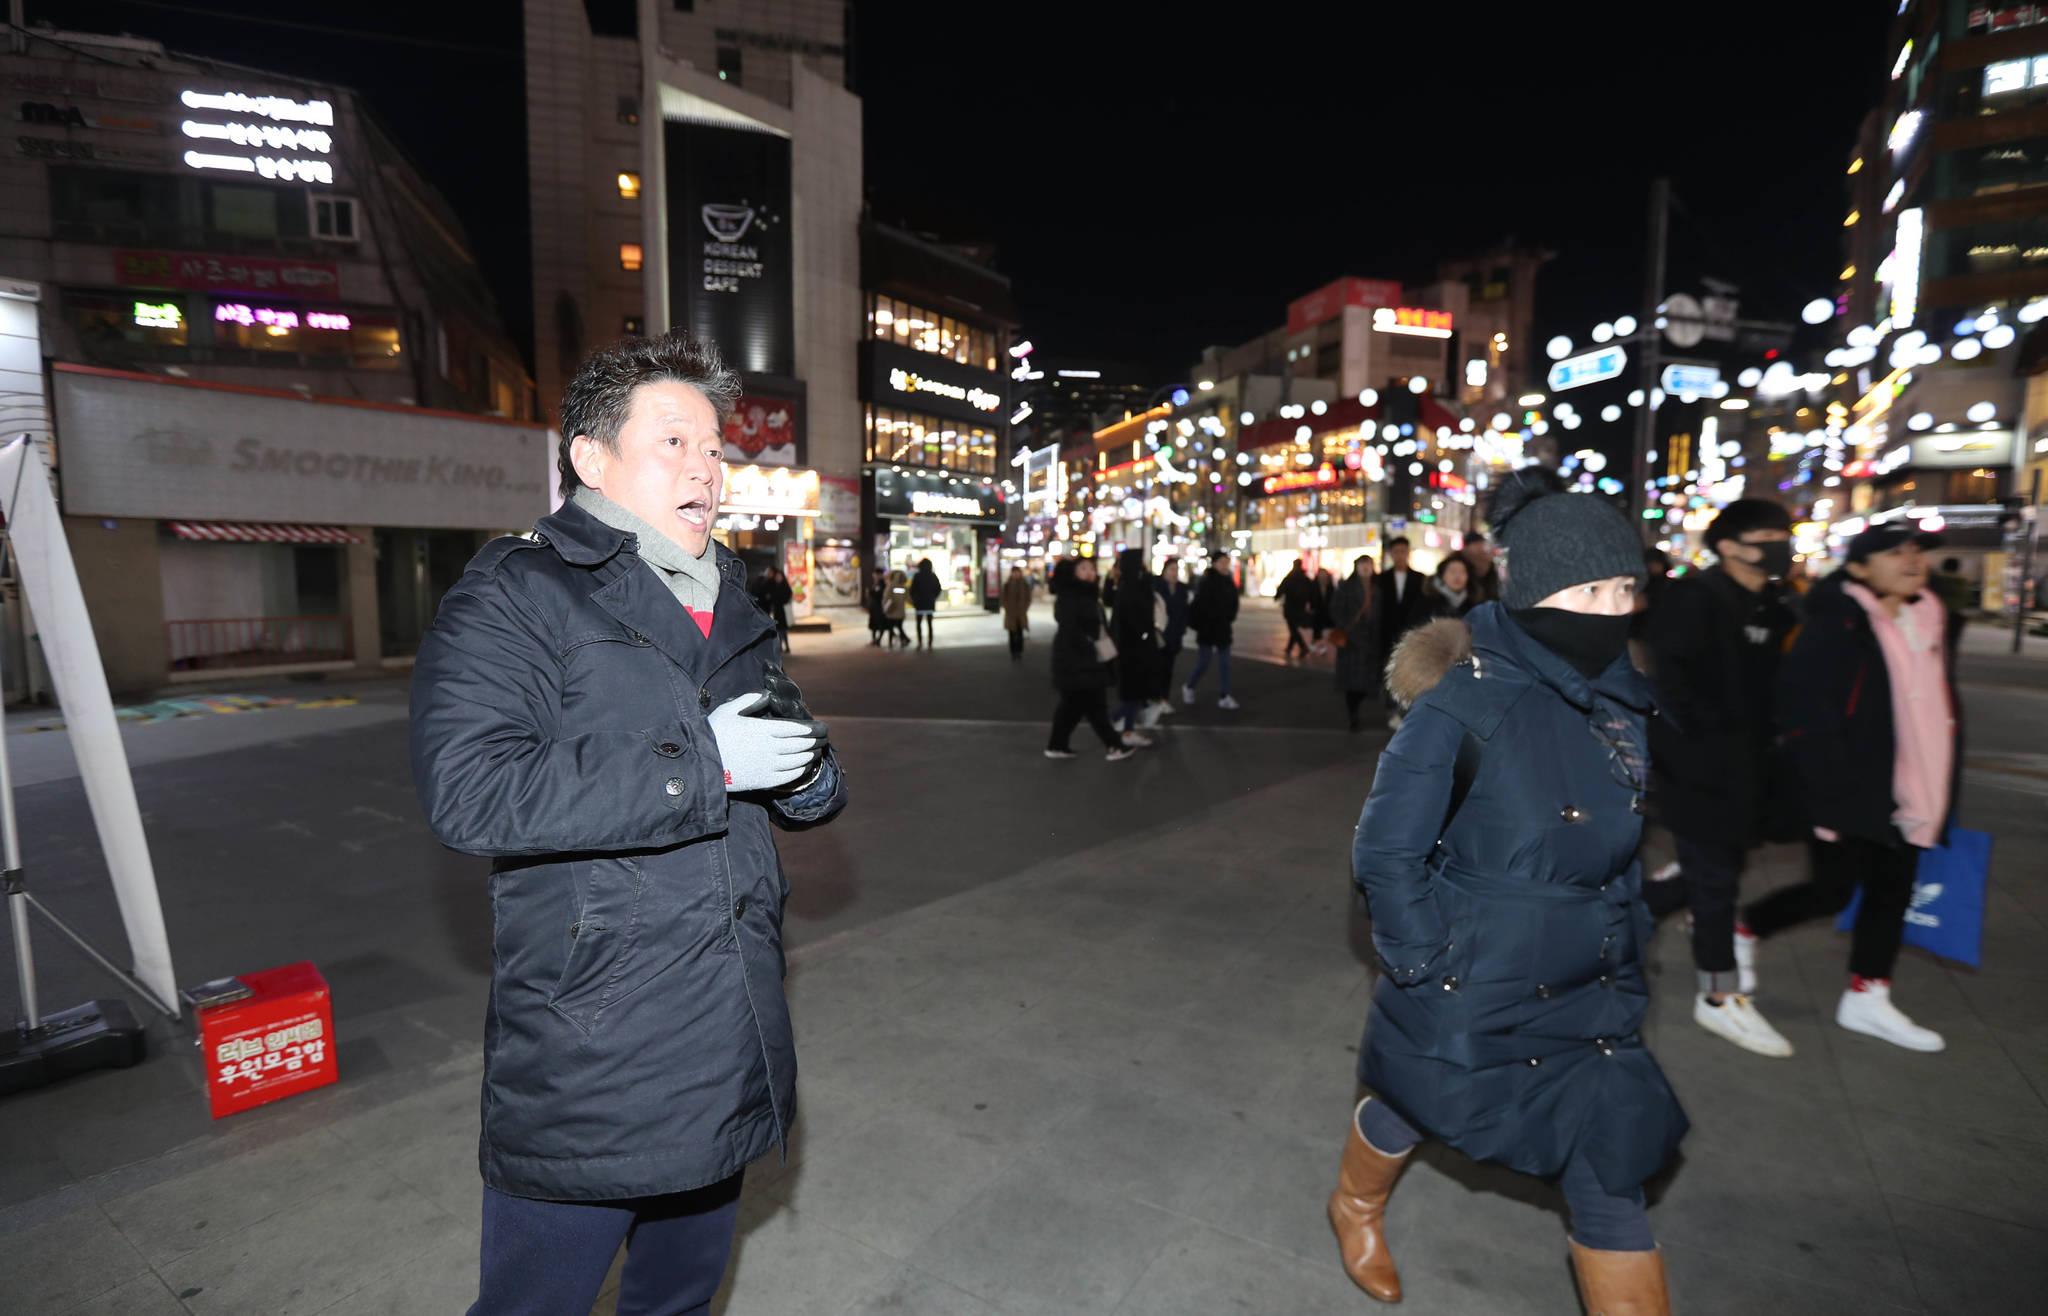 현대 유플렉스 신촌점 앞 광장에서 마이크 없이 노래하지만 사람들은 그대로 지나치고 있다. 신인섭 기자